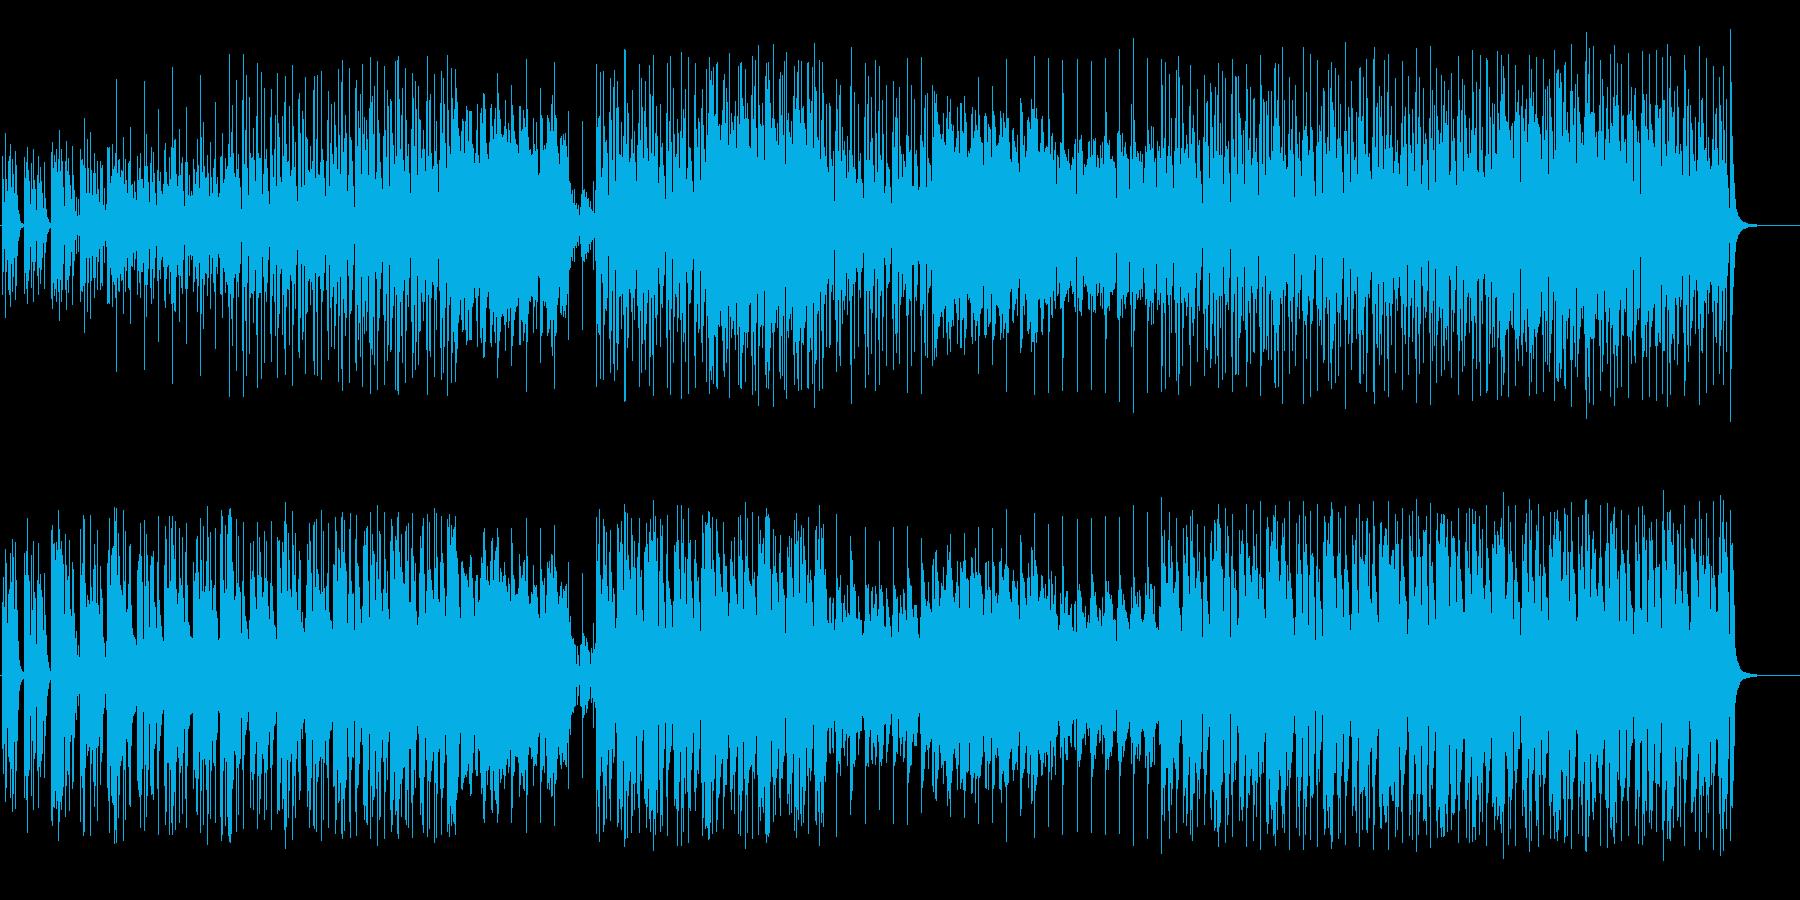 ジャワ+タイ+南シナ海風東南アジアBGMの再生済みの波形